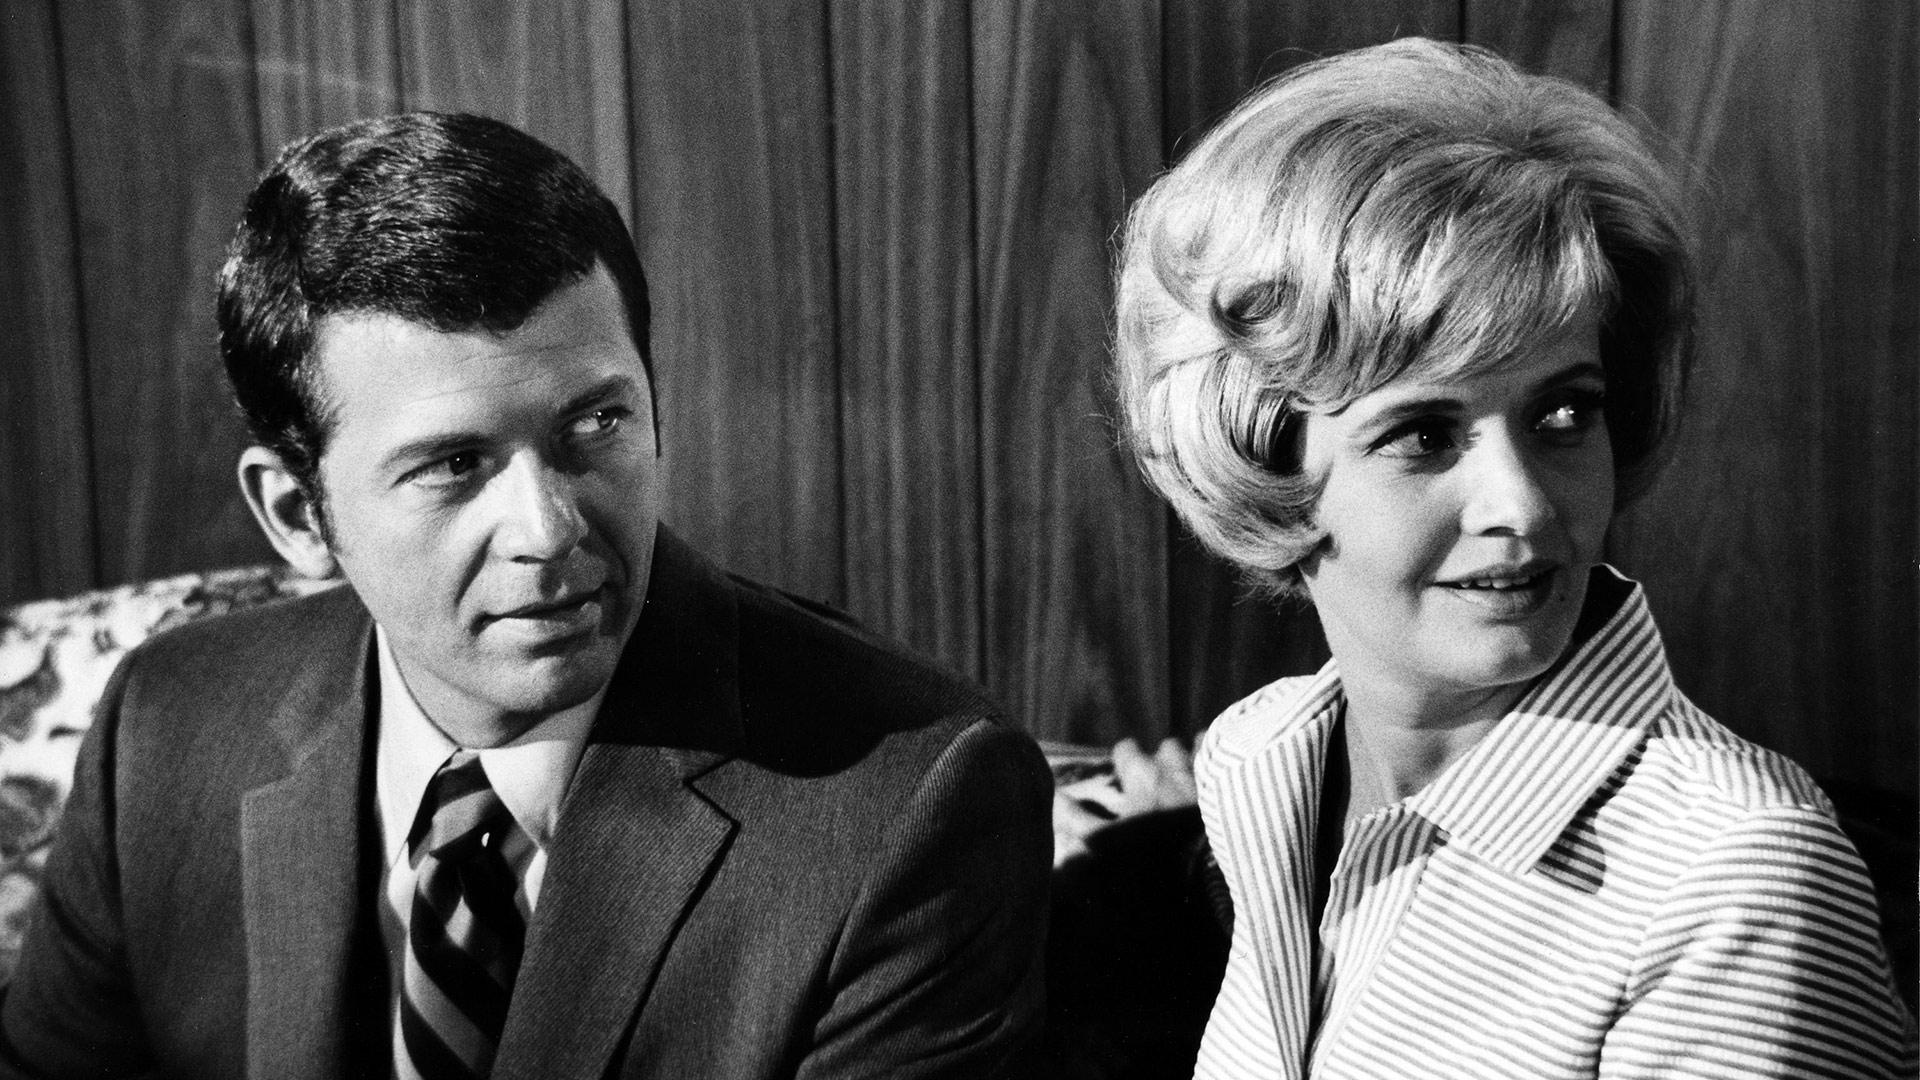 Mike and Carol Brady, The Brady Bunch